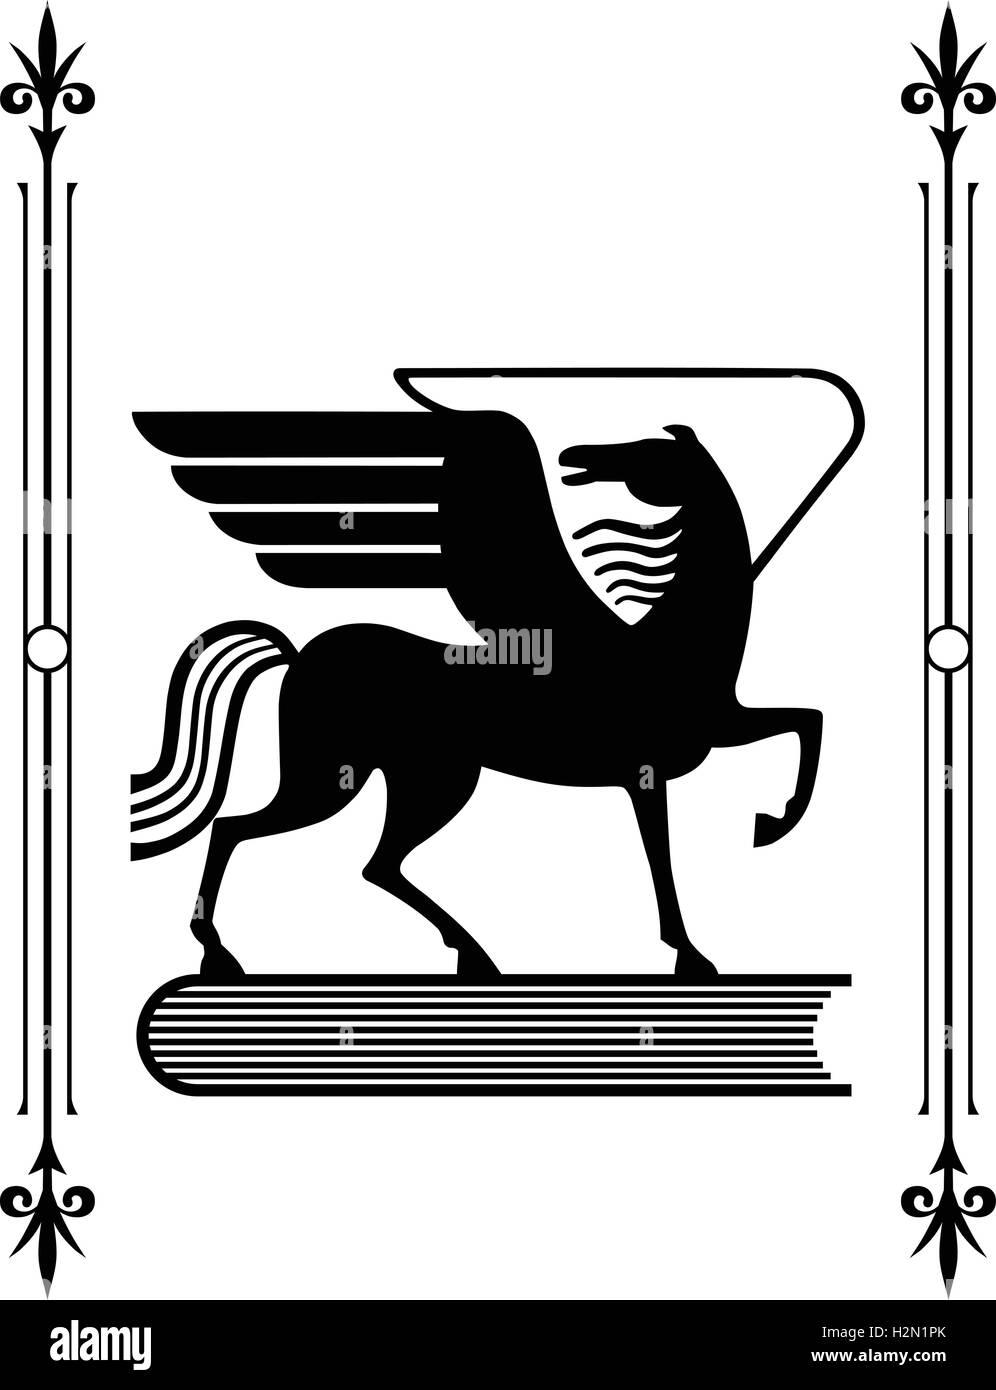 Symbol of greek mythology the winged horse pegasus a favorite of symbol of greek mythology the winged horse pegasus a favorite of the muses buycottarizona Images